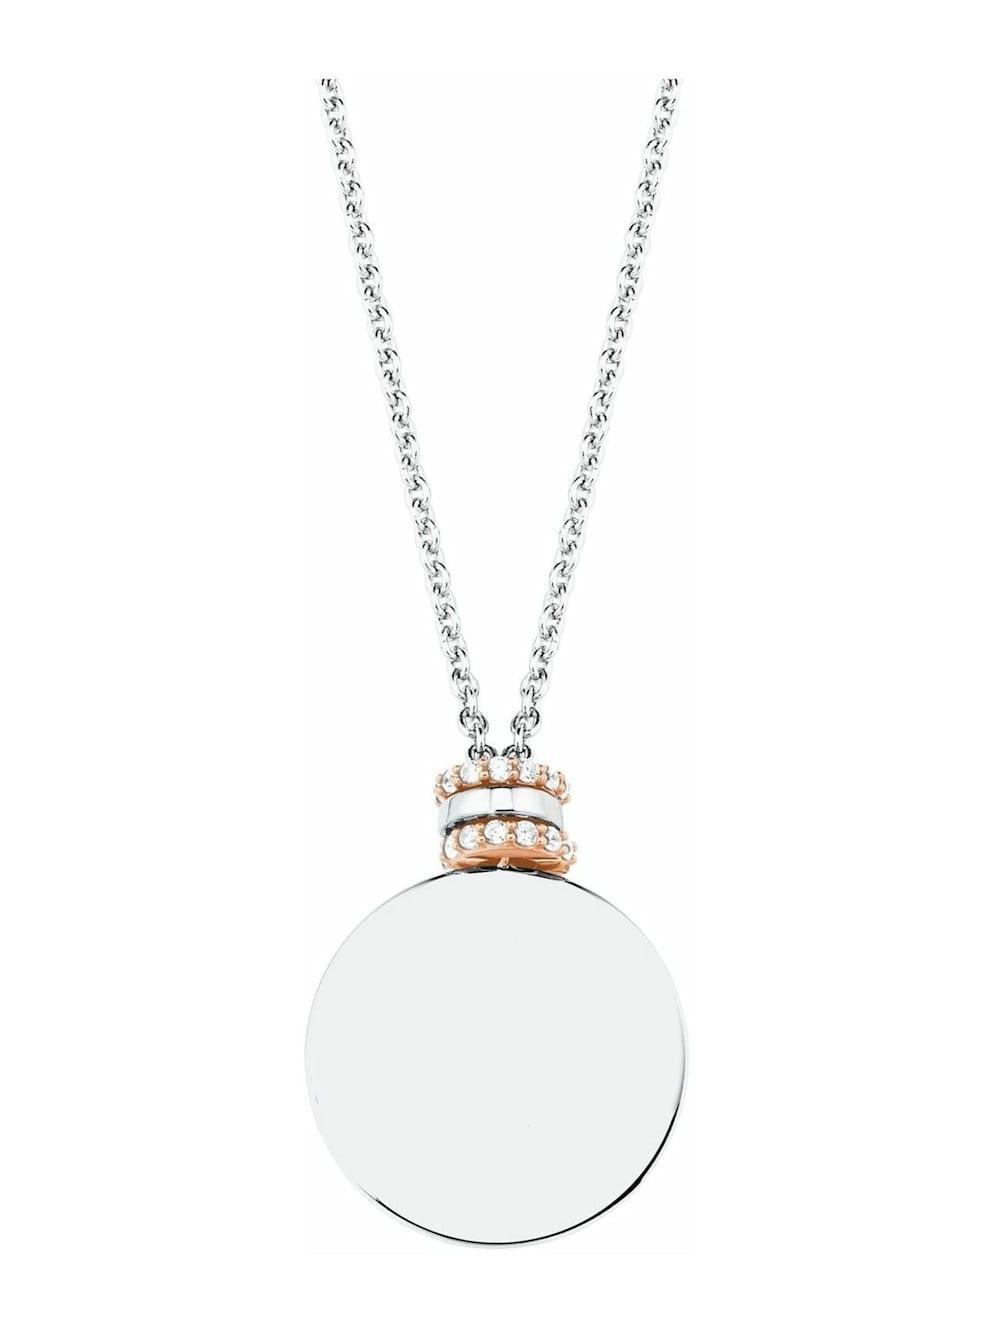 s.Oliver Ketten mit Anhänger für Damen, Gravurplatte, 925 Sterling Silber teilvergoldet | Klingel